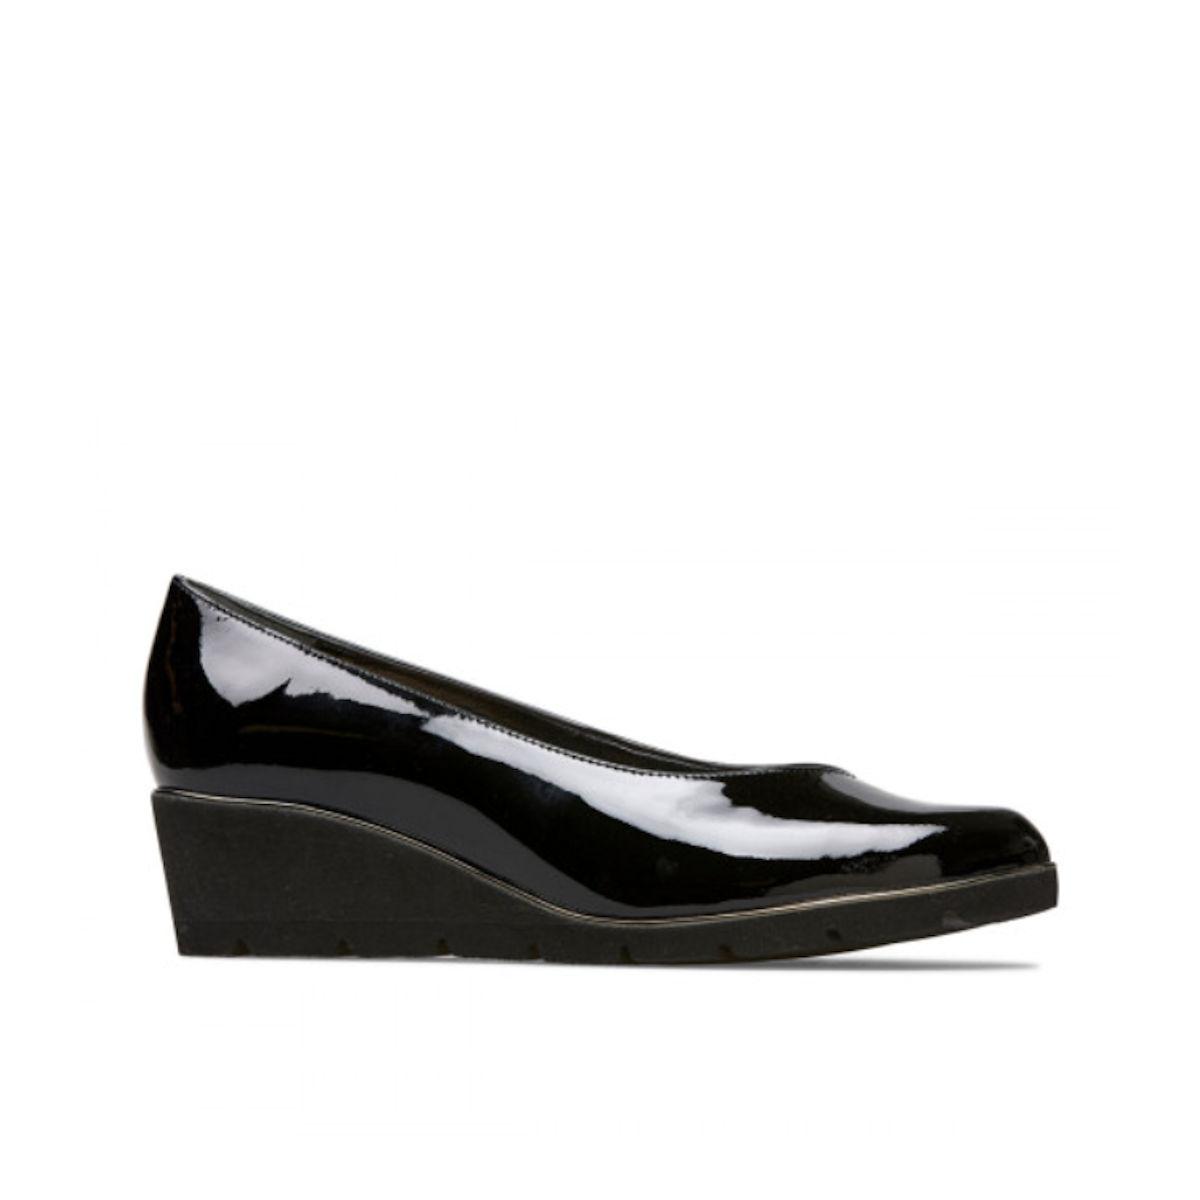 Van Dal Ariah Black Patent Wedge Shoes